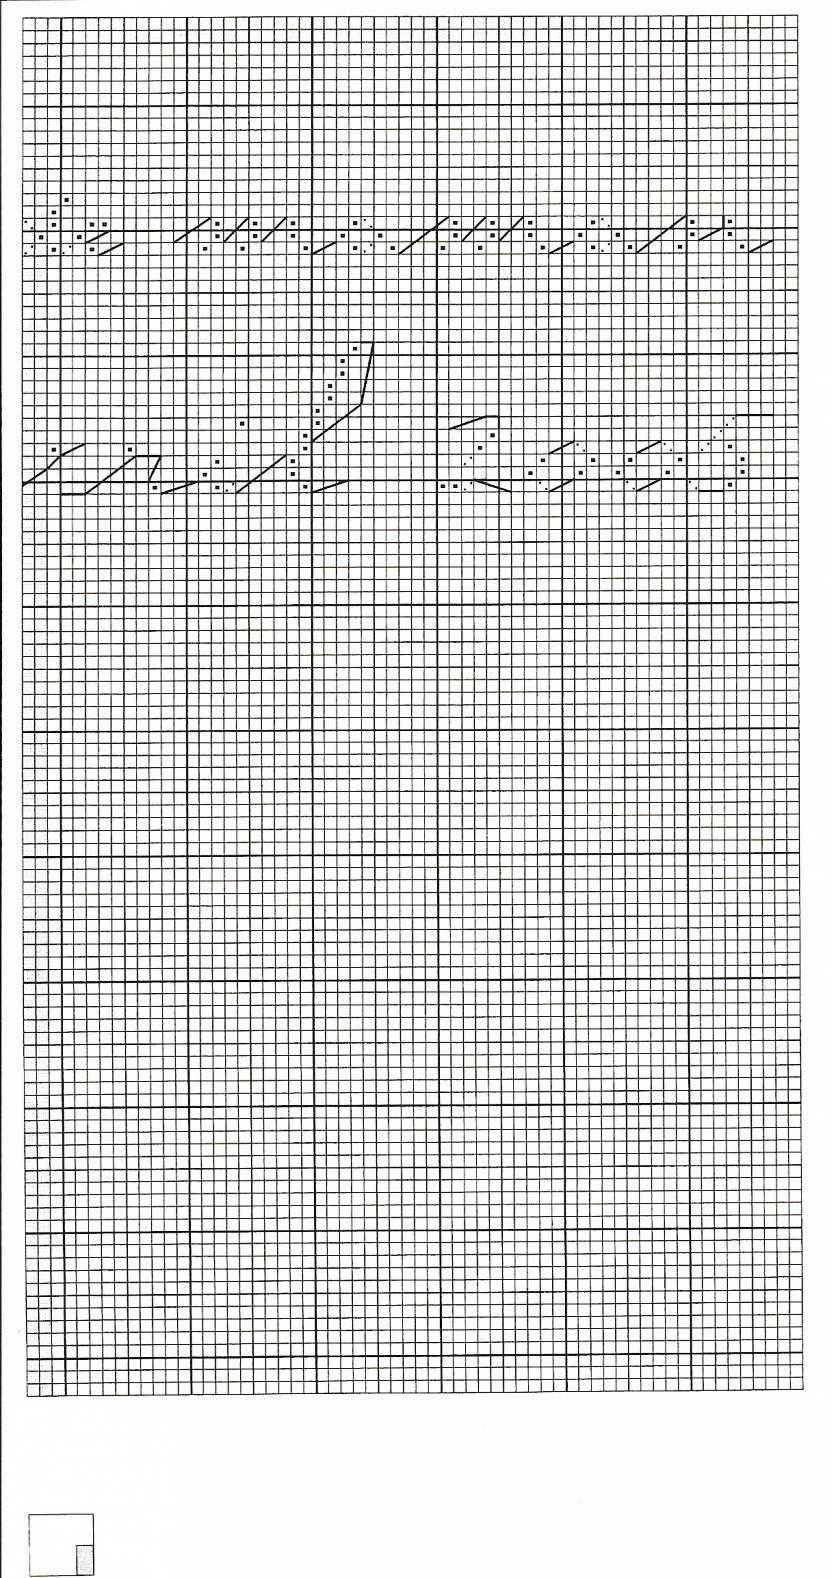 Вышивка схема французского дизайнера